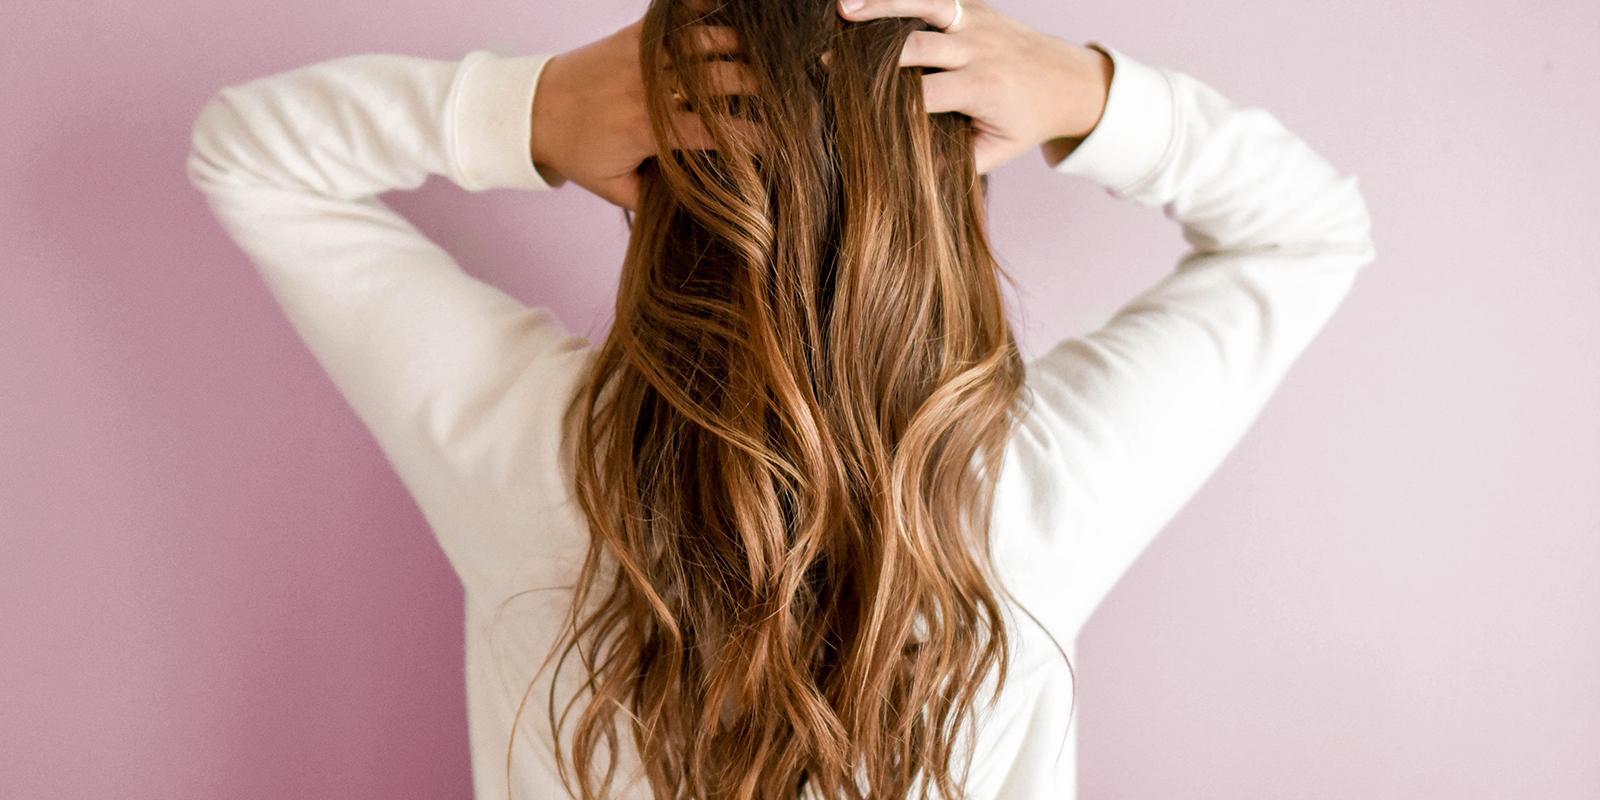 5 hair hacks for gorgeous hair